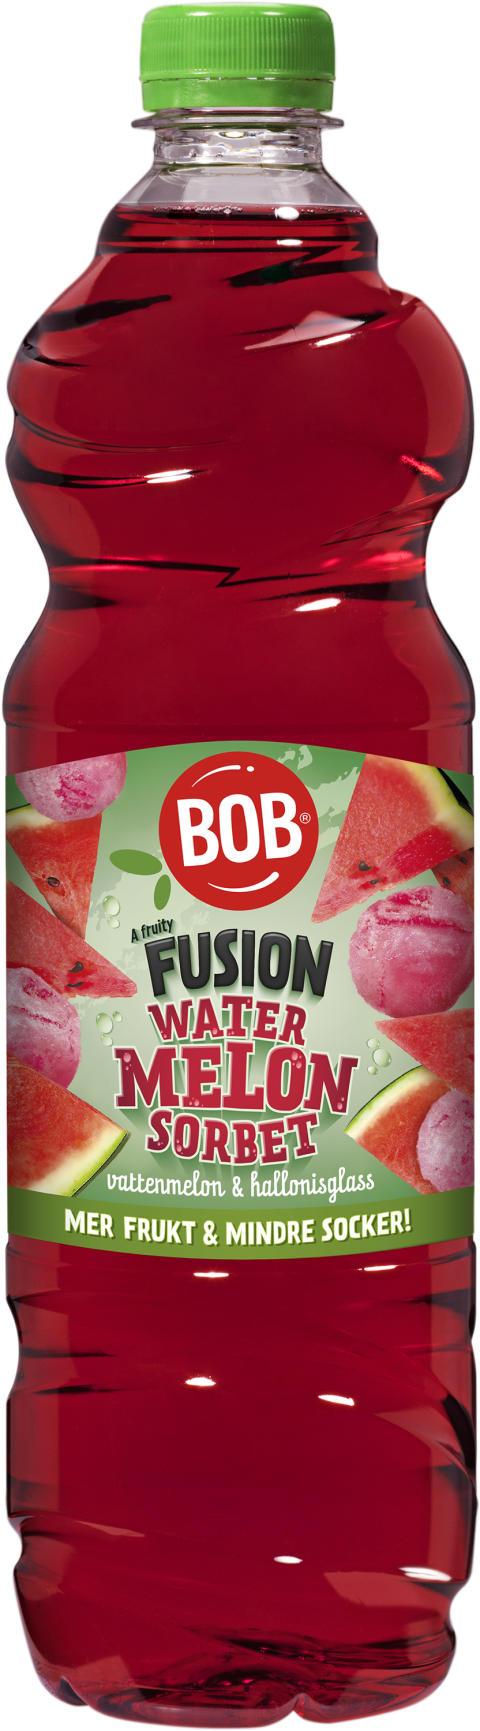 Bob Fusion Watermelon Sorbet